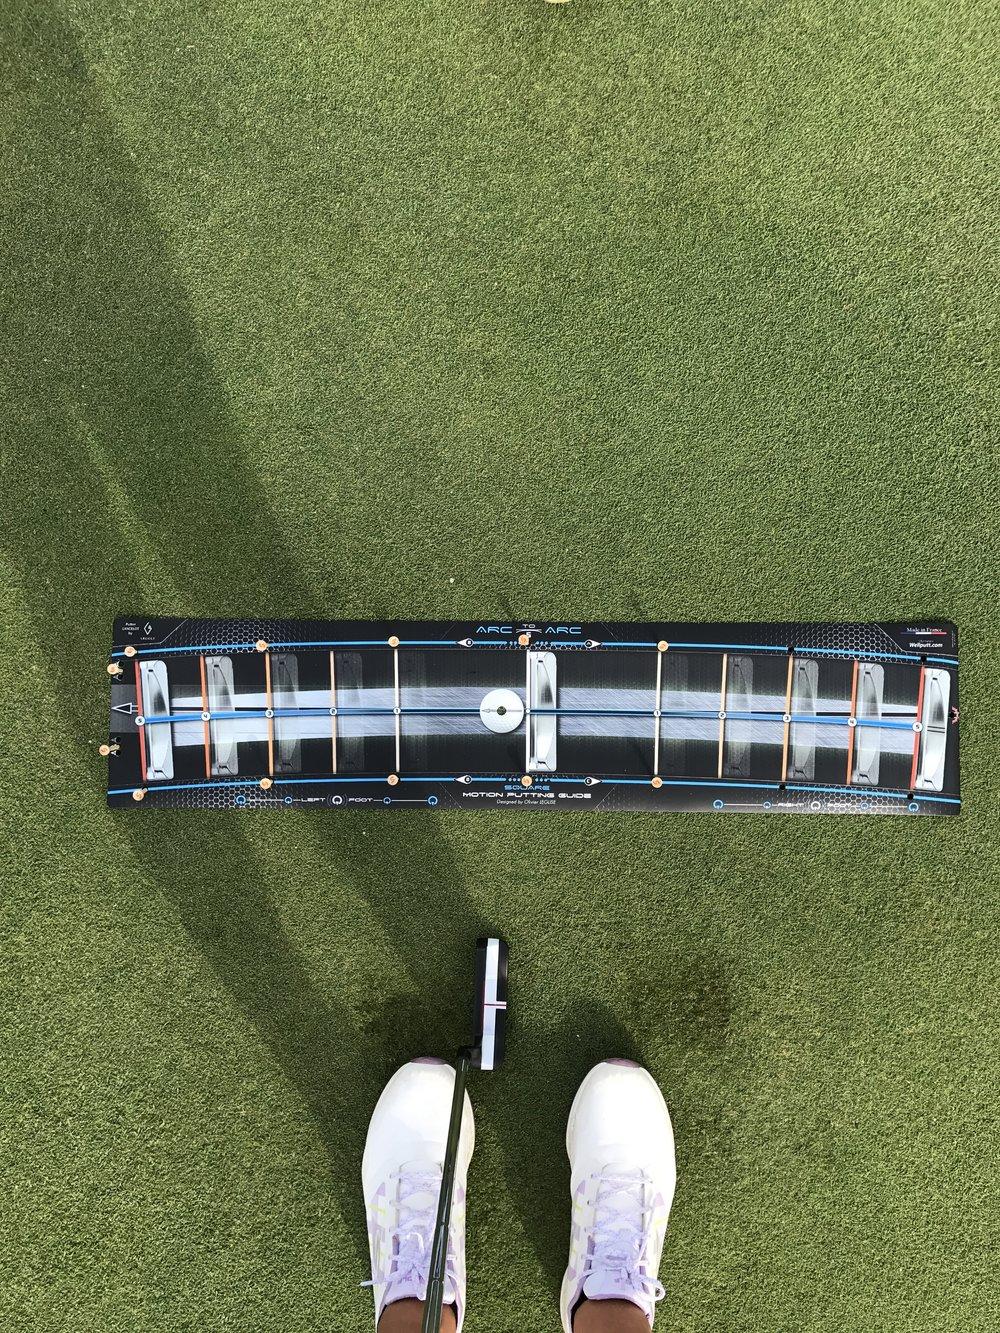 """Hay 3 tipos de WellStroke: STANDARD (6"""" in- 6"""" out), SQUARE (3"""" in- 3"""" out), and LIGHT (6"""" in- 3"""" out). Cada modelo tienes un arco distinto para que haya variedad a la hora de elegir dependiendo de vuestro swing de putt. Ya que el stance y la distance de la bola te de la cantidad de arco necesario. Yo uso el SQUARE."""